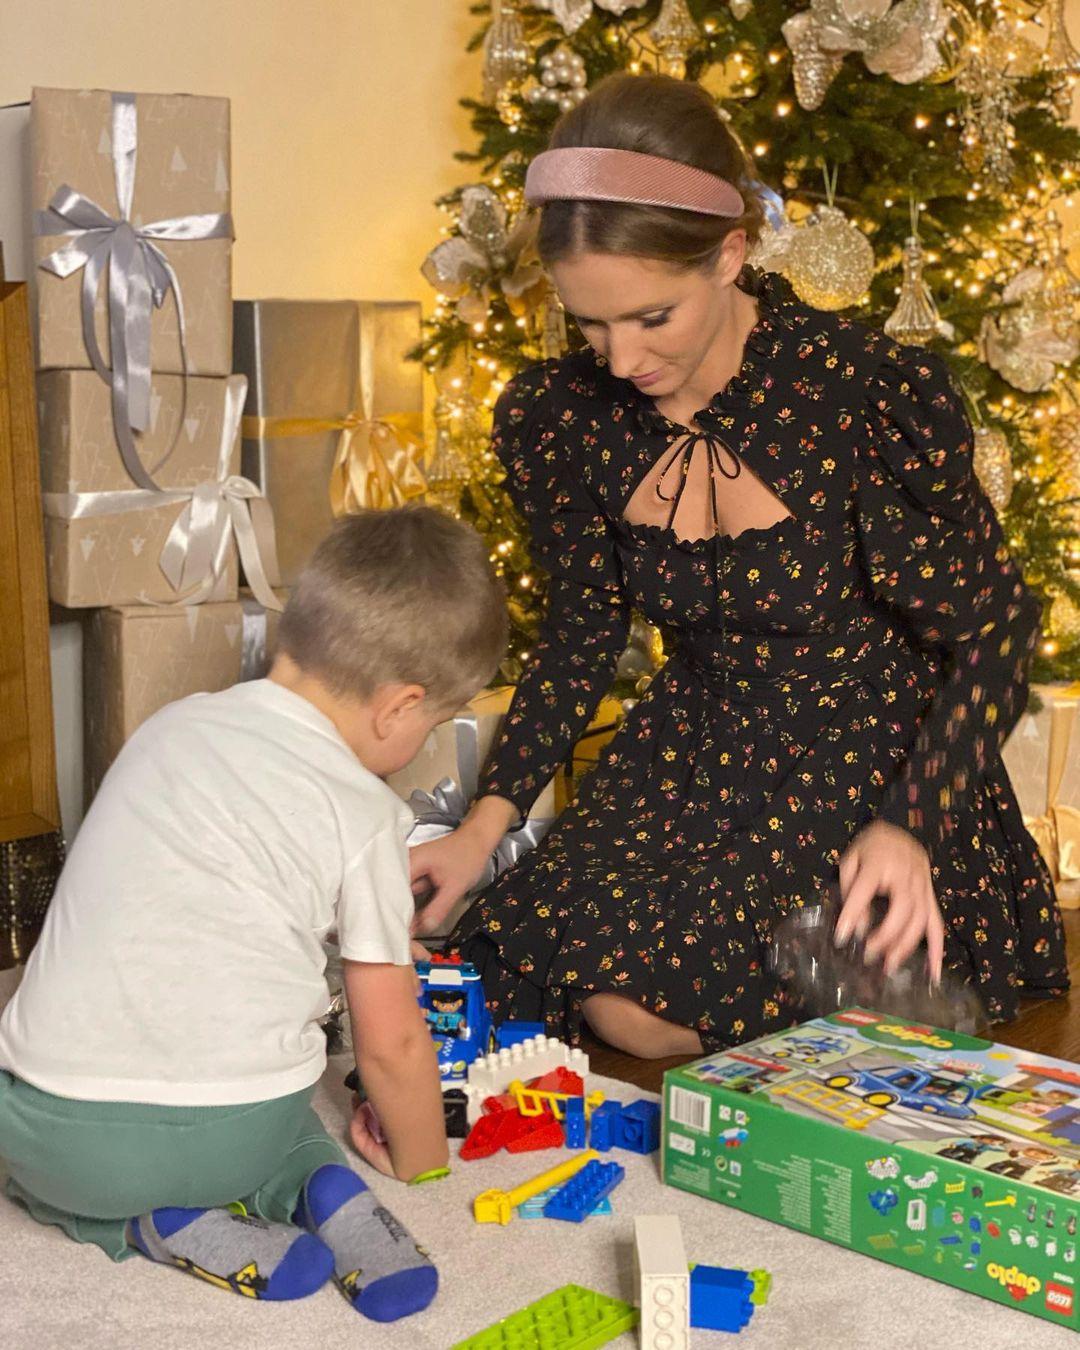 Катя Осадчая похвасталась подарком для сына: в детстве его не было